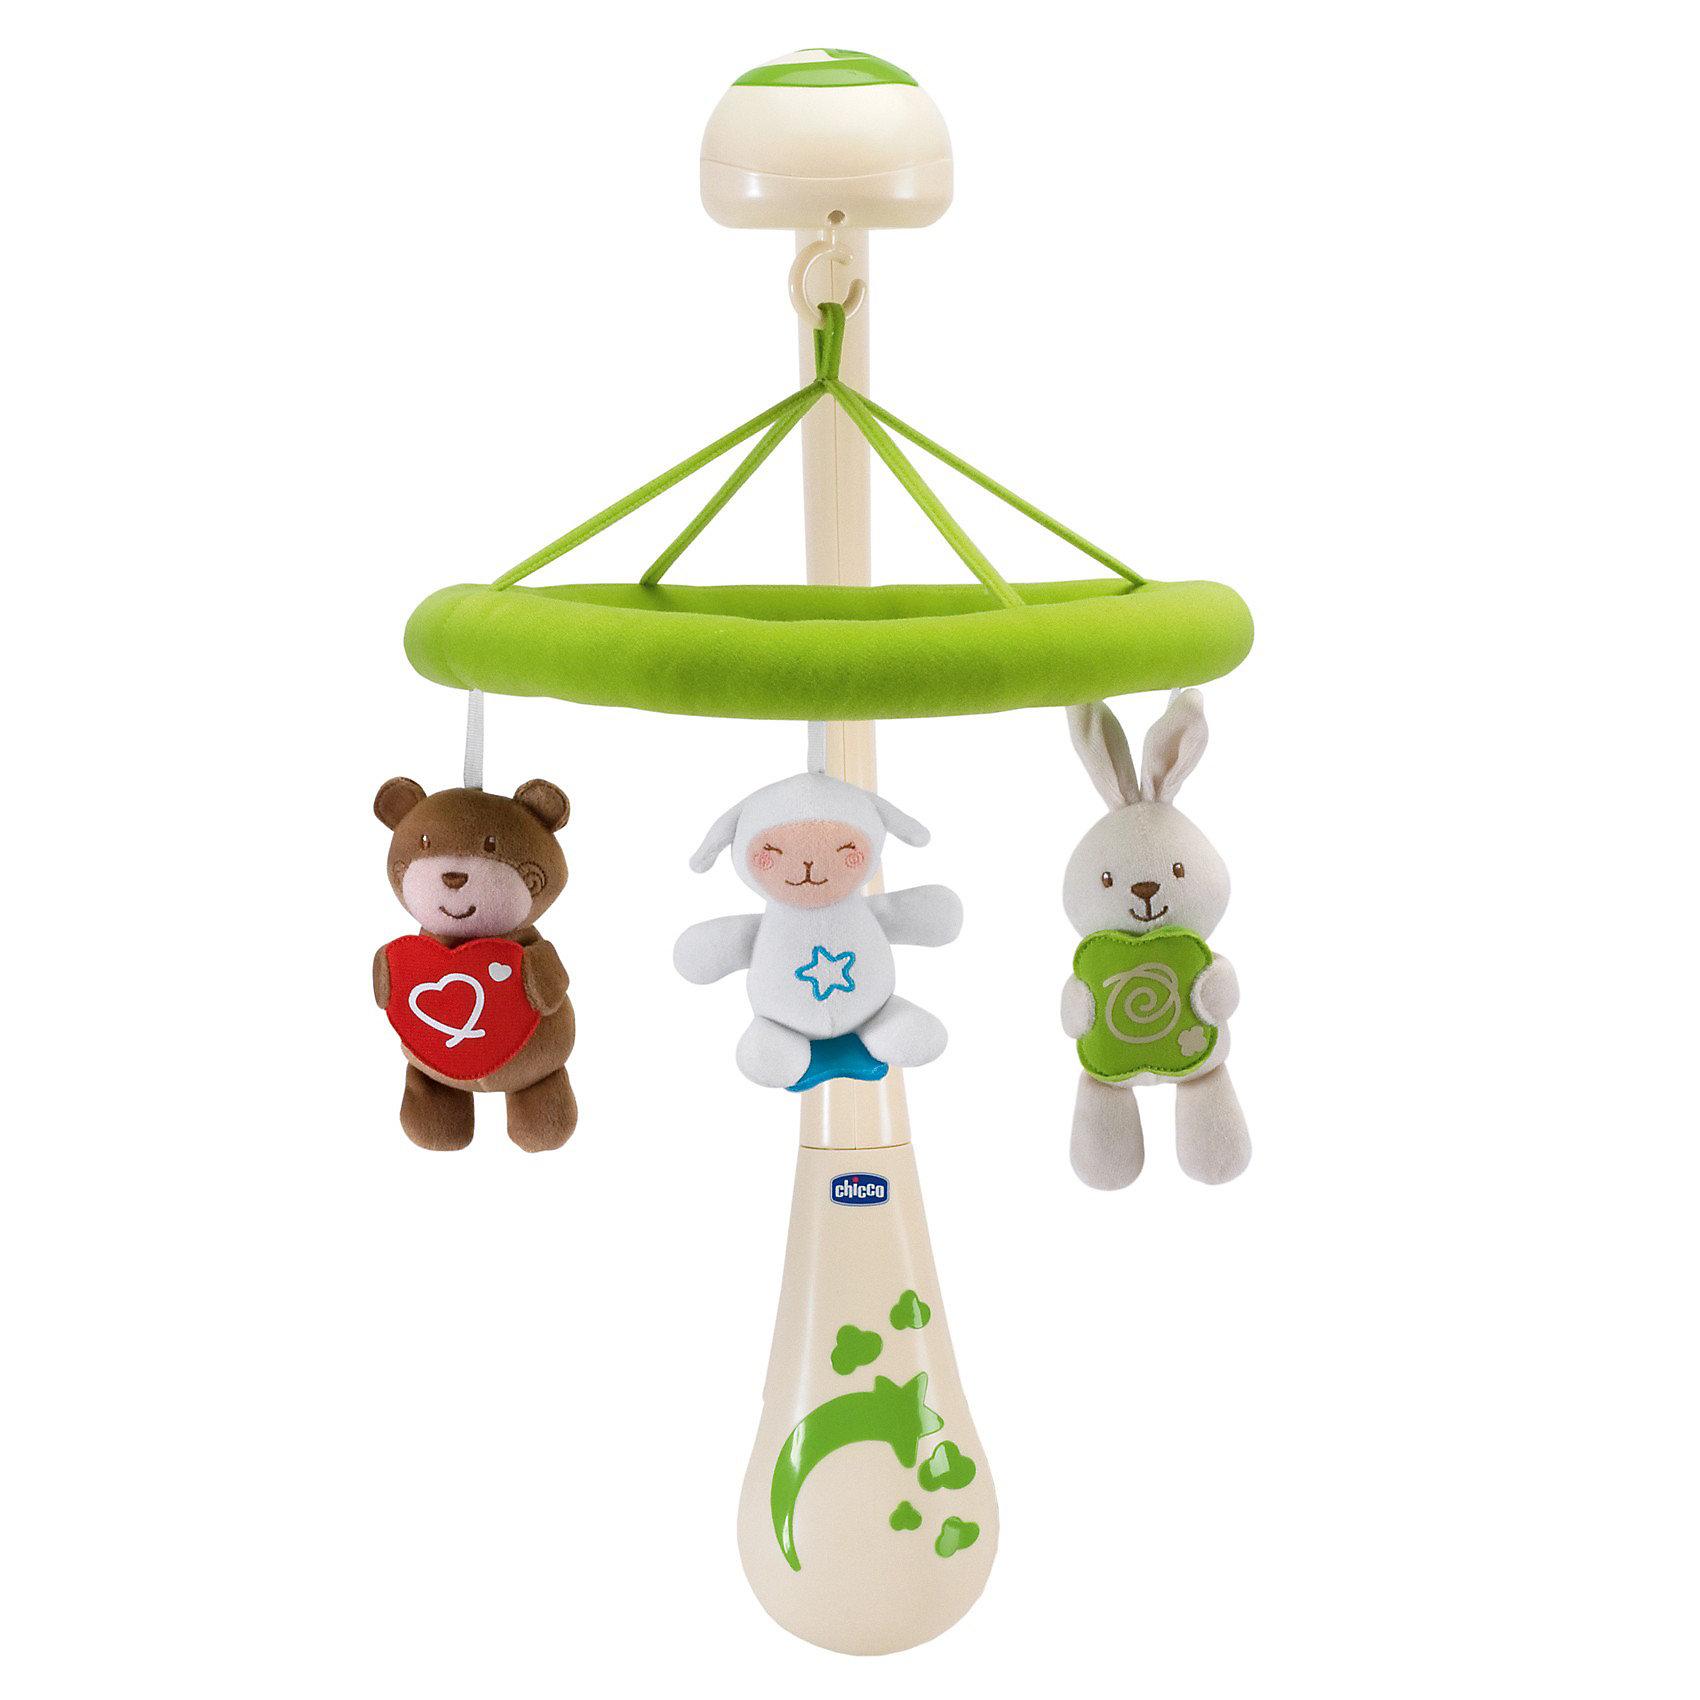 Мобиль Сладкие сны, ChiccoМобиль Сладкие сны, Chicco (Чико) – это электронный мобиль с классической музыкой и подсветкой.<br>Музыкальный мобиль от Chicco Сладкие сны - оригинальная игрушка, создающая атмосферу уюта и спокойствия в детской комнате. Под приятные мелодии на мобиле медленно вращаются три забавных ультрамягких игрушки в виде медвежонка с сердцем в руках, ягненка с вышитой на животике звездочкой и зайчика с подушечкой в руках. К кронштейну мобиля крепится музыкальный блок, а к нему - мягкое кольцо с игрушками. Устройство предусматривает три режима работы: только расслабляющая классическая музыка; музыка и вращение; только вращение. Громкость звука регулируется. Игрушки можно отцеплять от мобиля и играть отдельно. Игрушки-подвески стираются в стиральной машине в режиме деликатной стирки, без потери качества. Подвесные игрушки привлекут внимание малыша и помогут развитию зрения и цветового восприятия, а мелодичные звуки разовьют звуковое восприятие. Мобиль Сладкие сны изготовлен из высококачественных и экологически чистых материалов.<br><br>Дополнительная информация:<br><br>- Материал: пластик, текстиль<br>- Батарейки: 3 типа AA 1,5 V ( в комплект не входят)<br>-  Средняя высота игрушек: 13 см.<br>- Размер упаковки: 40 х 36 х 12 см.<br><br>Мобиль Сладкие сны, Chicco (Чико) можно купить в нашем интернет-магазине.<br><br>Ширина мм: 406<br>Глубина мм: 365<br>Высота мм: 129<br>Вес г: 1289<br>Возраст от месяцев: 0<br>Возраст до месяцев: 24<br>Пол: Унисекс<br>Возраст: Детский<br>SKU: 3587119